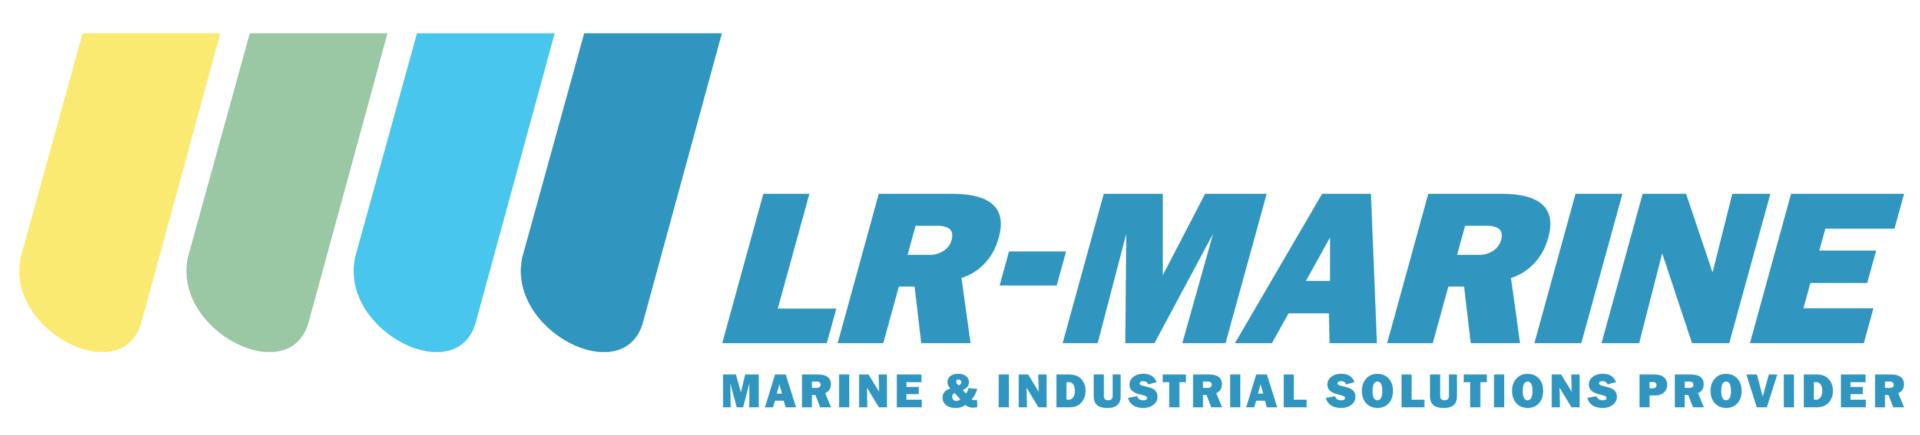 LR-Marine_logo_2014x.eps